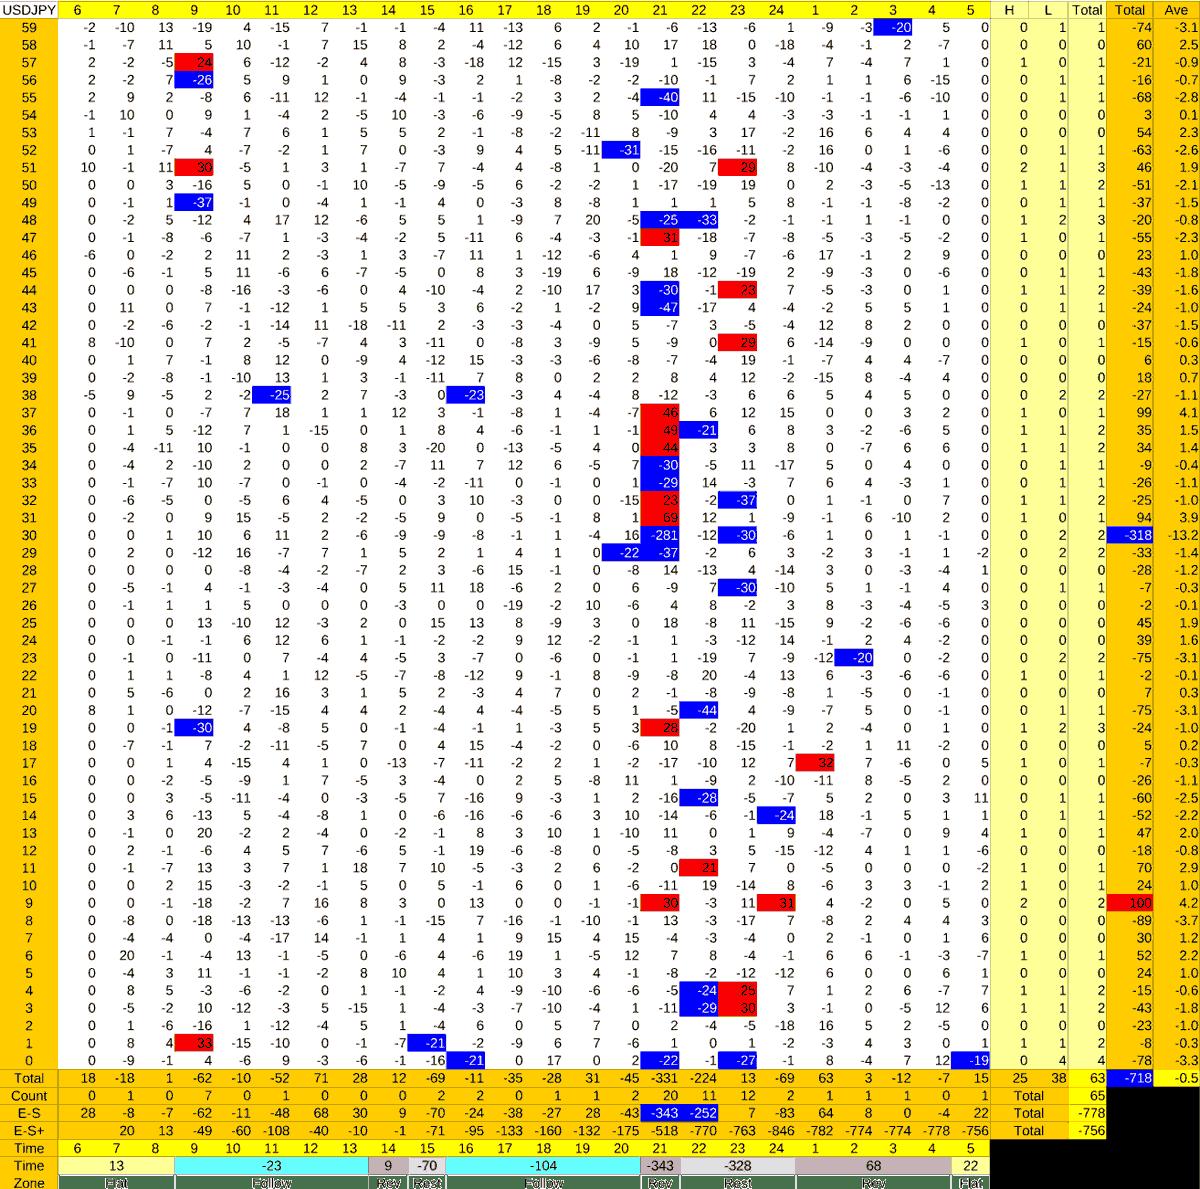 20210604_HS(1)USDJPY